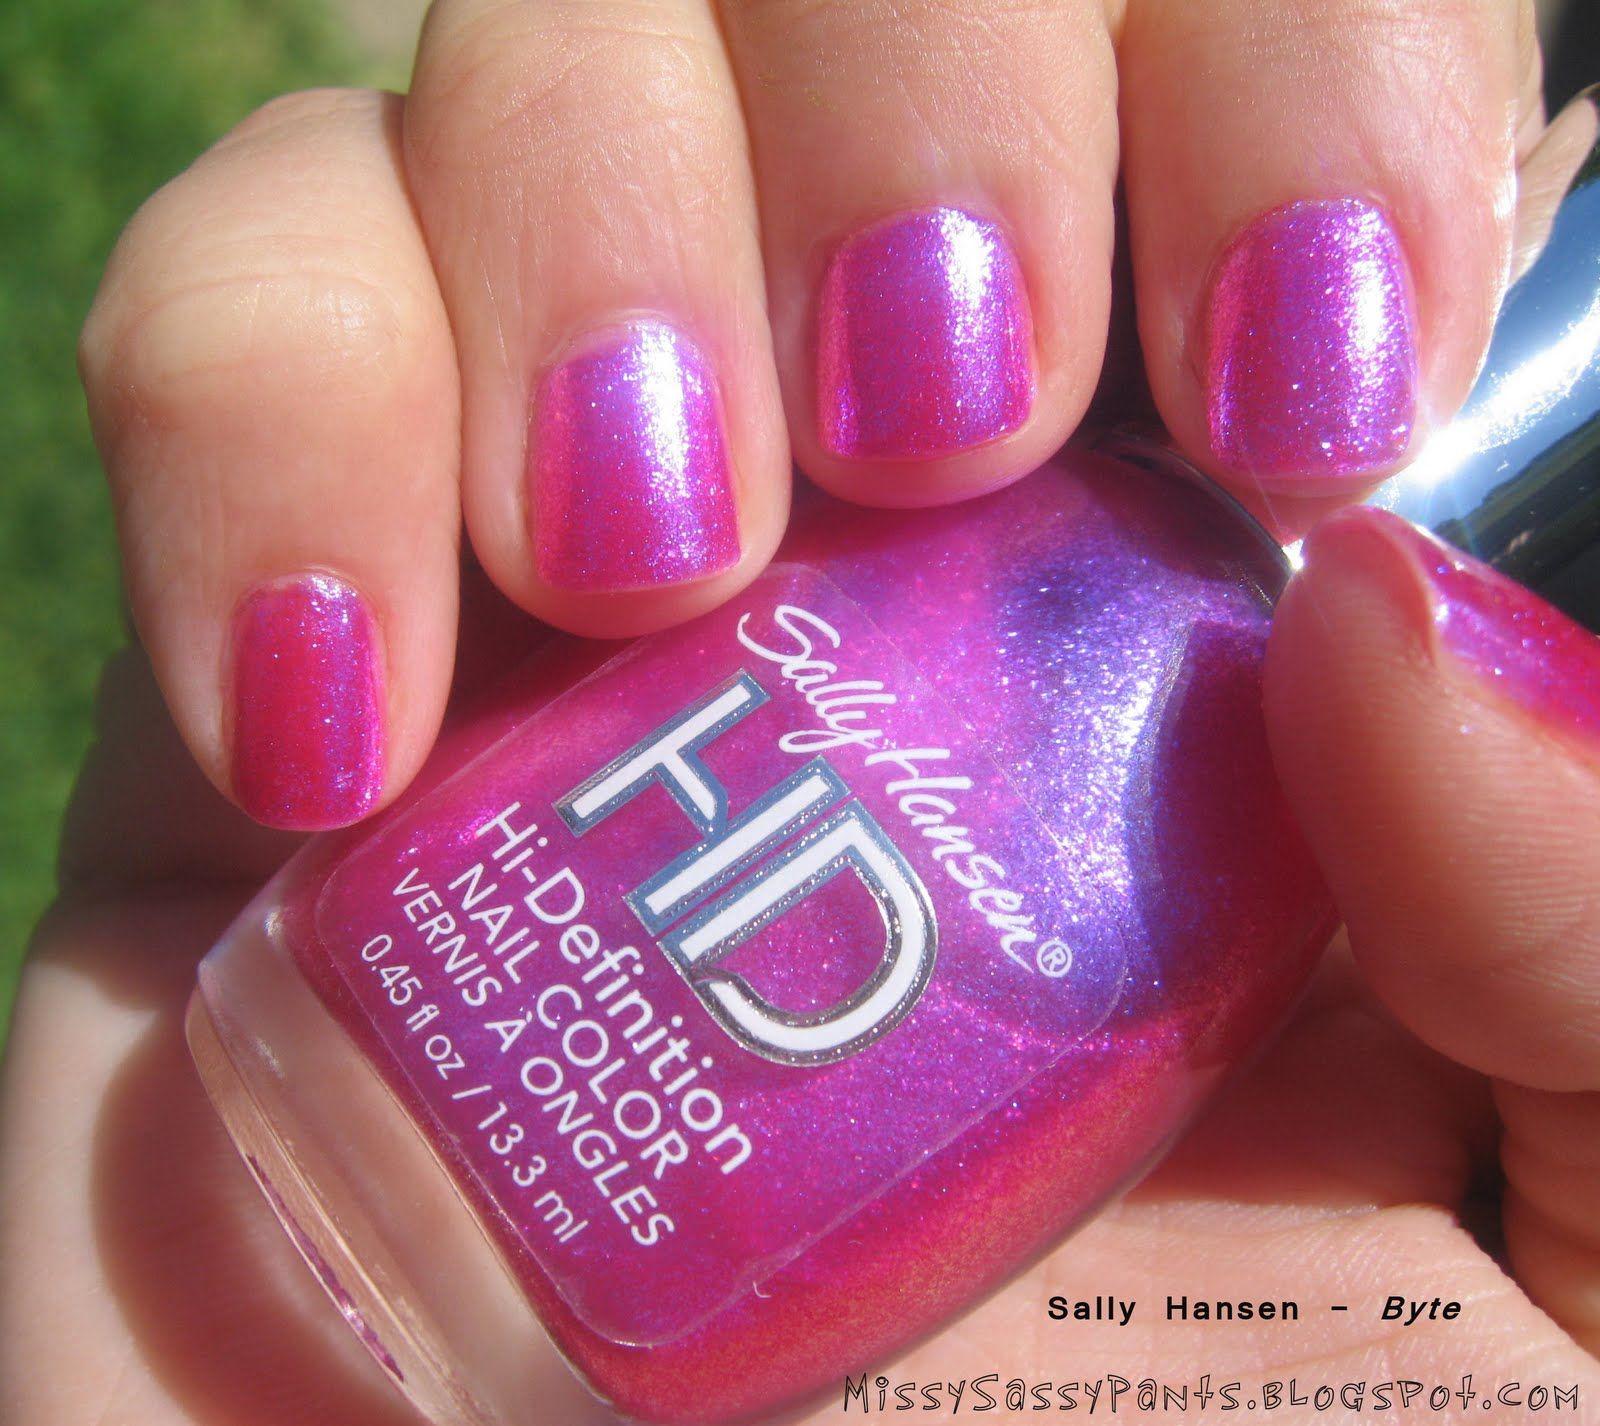 Sally Hansen HD nail polish in \